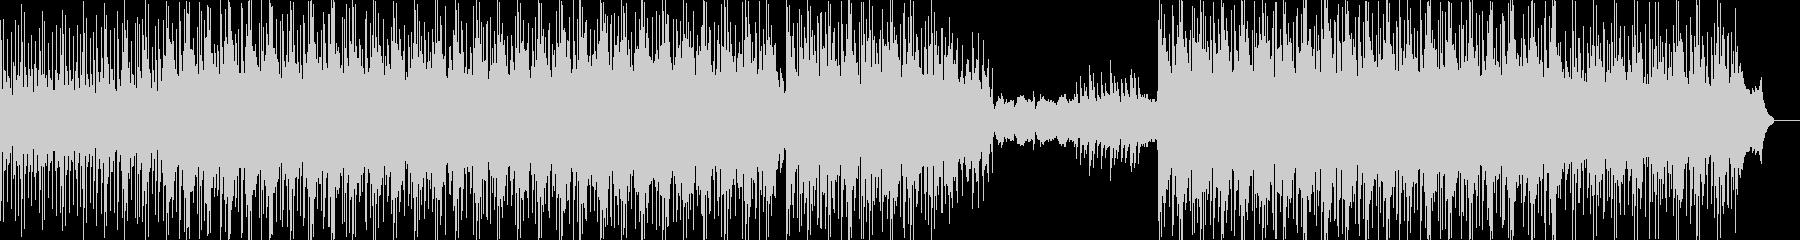 ロードラムのボサノバ、シンセパッド...の未再生の波形